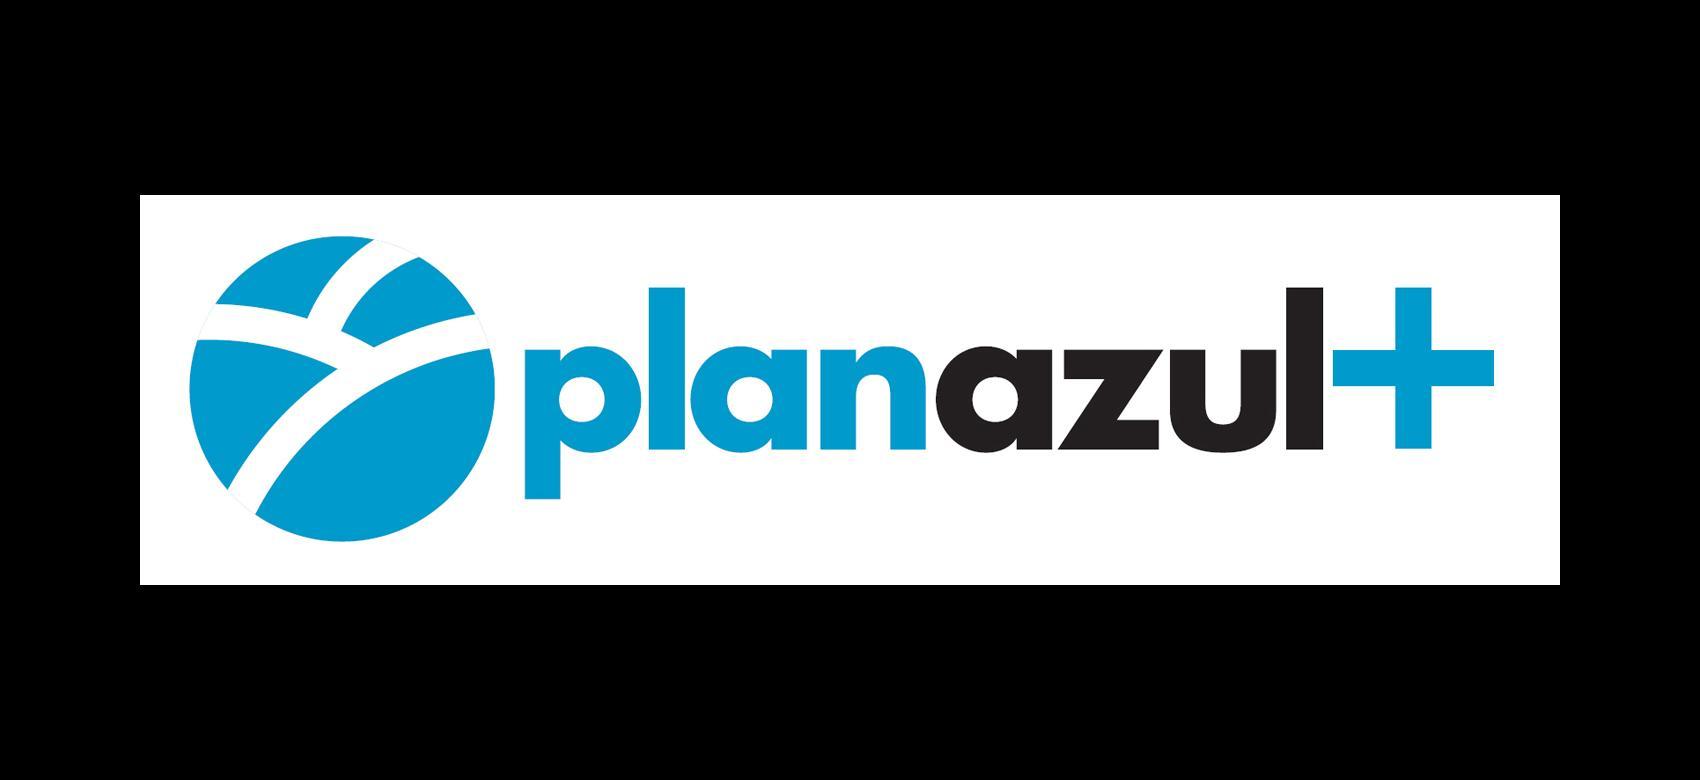 Calidad del Aire. Logo del Plan Azul+